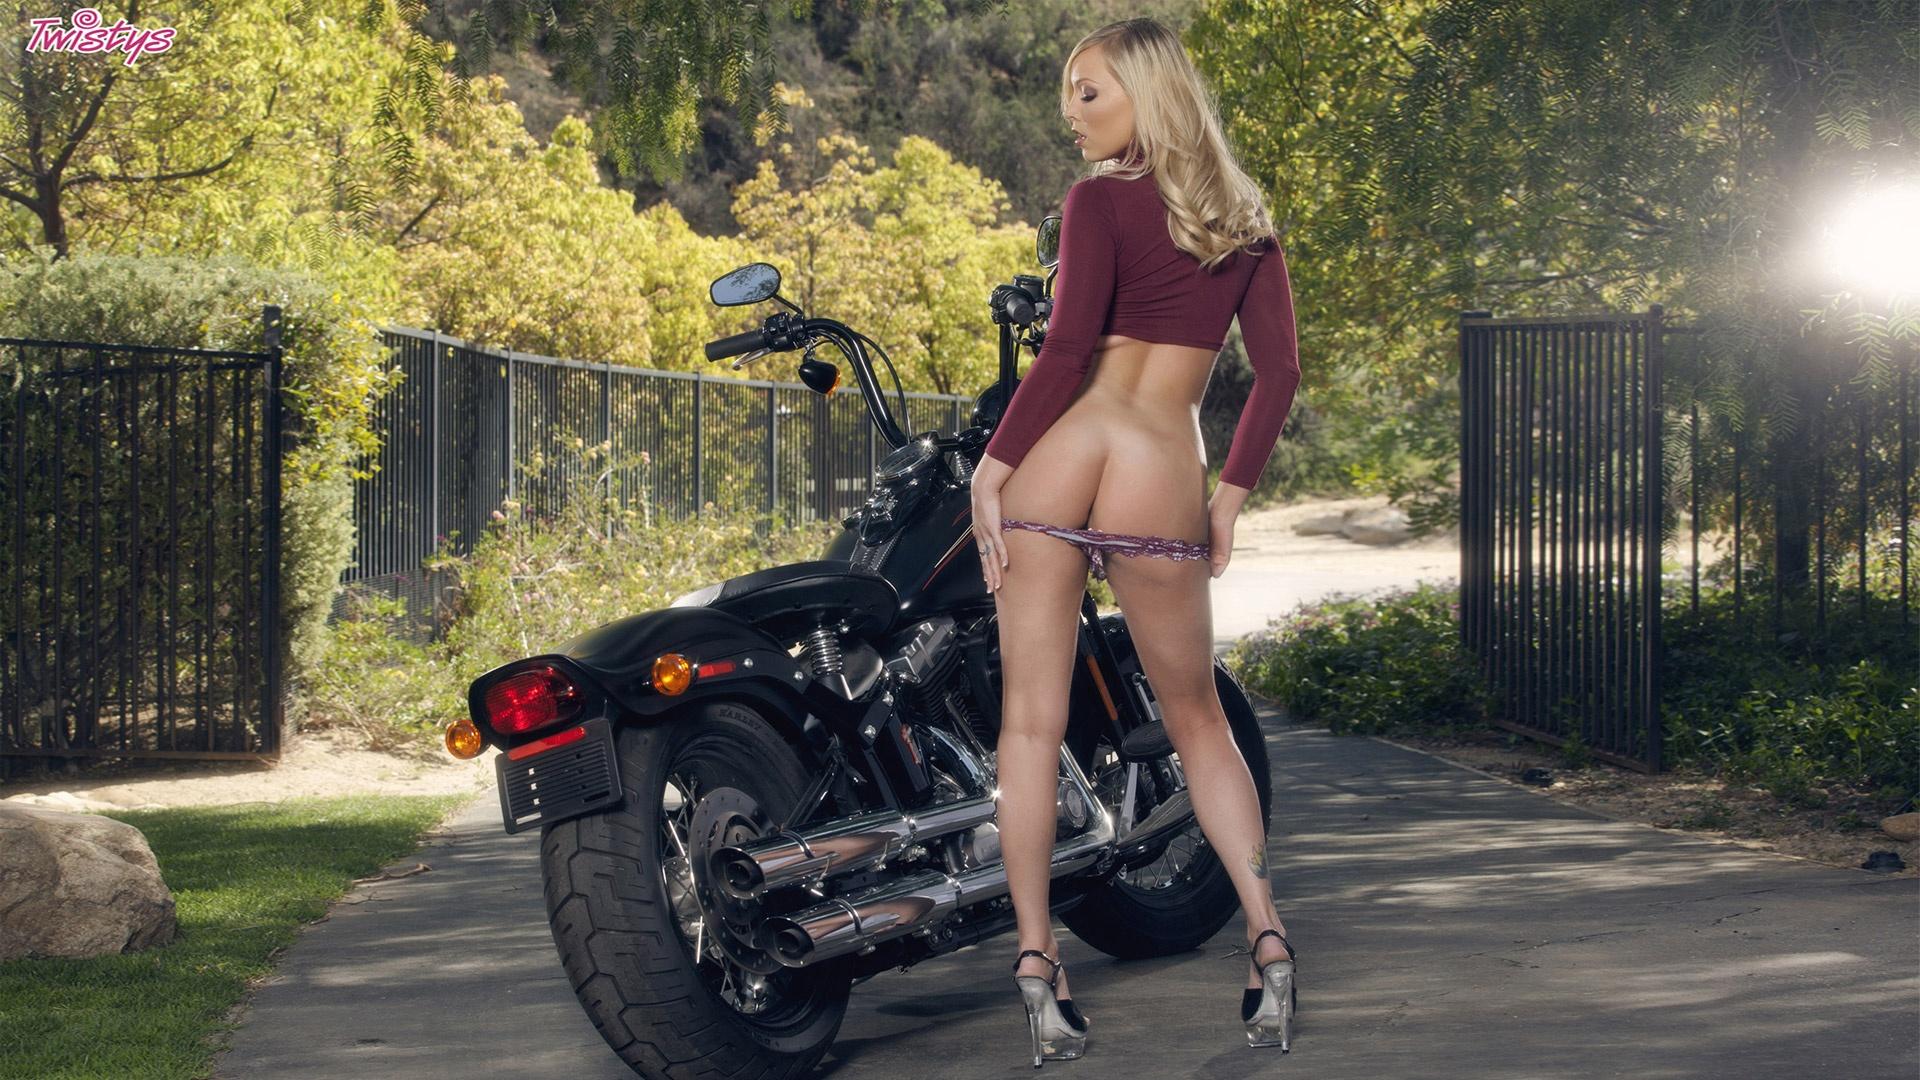 Topless Bikerbabes Nude Scenes